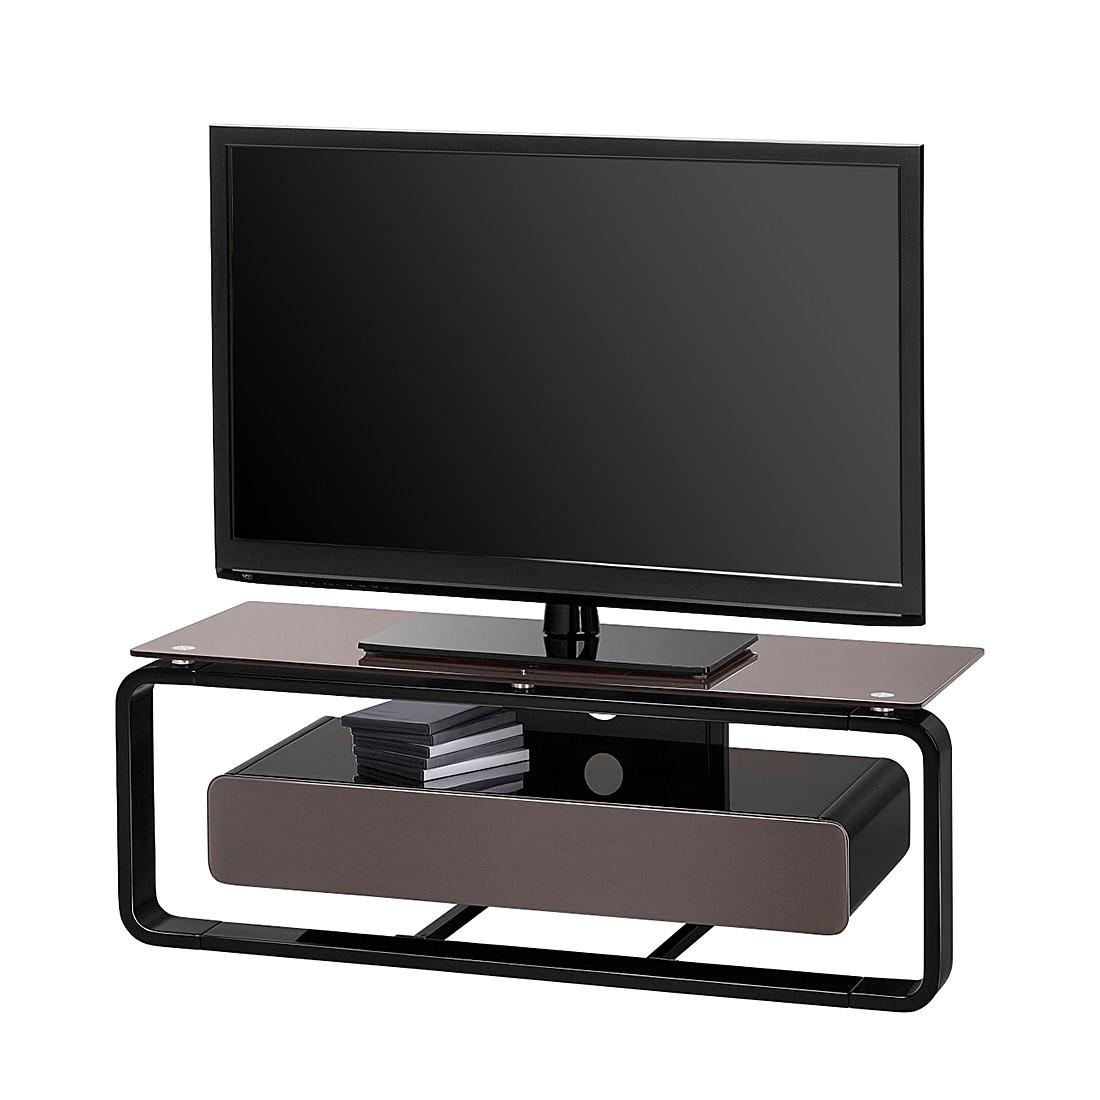 Meuble verre guide d 39 achat for Meuble tv gris 110 cm